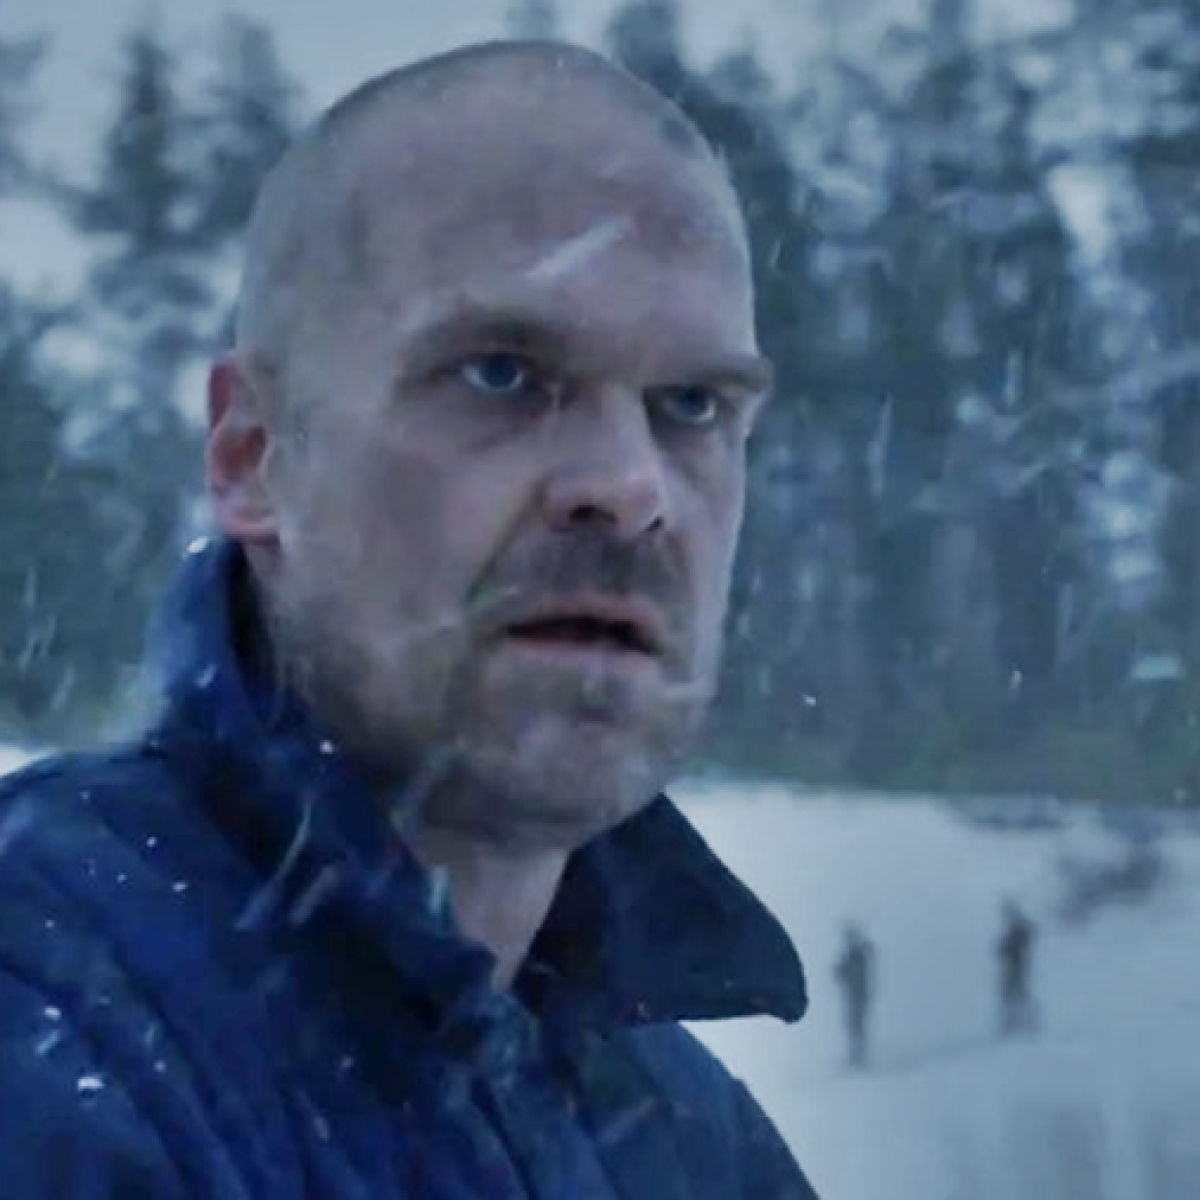 Netflix's 'Stranger Things' season 4 teaser shows the return of Jim Hopper